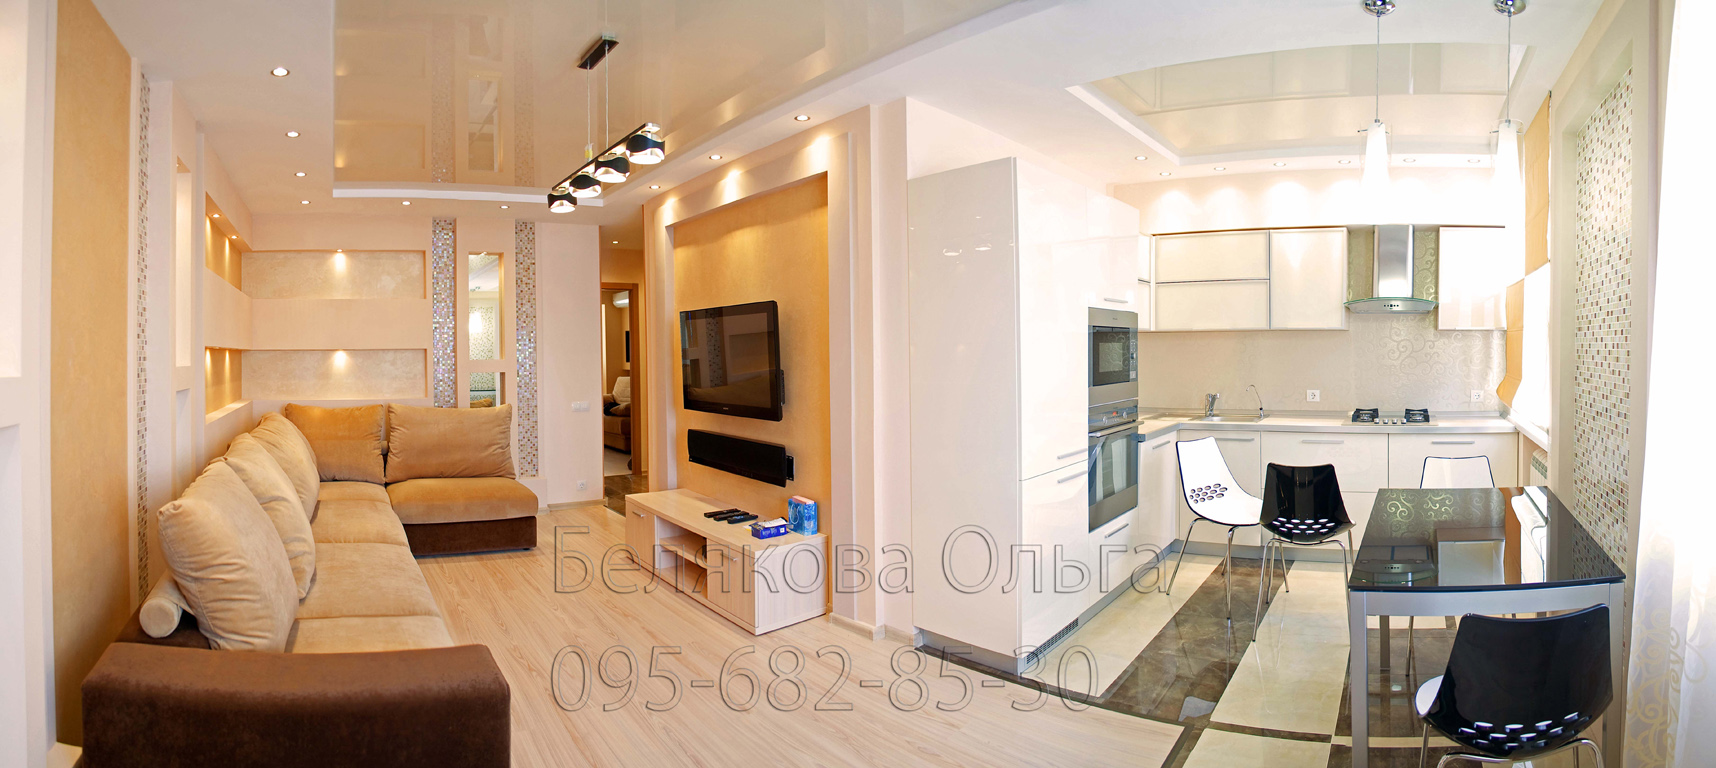 Ремонт и дизайн 2-х комнатной квартиры